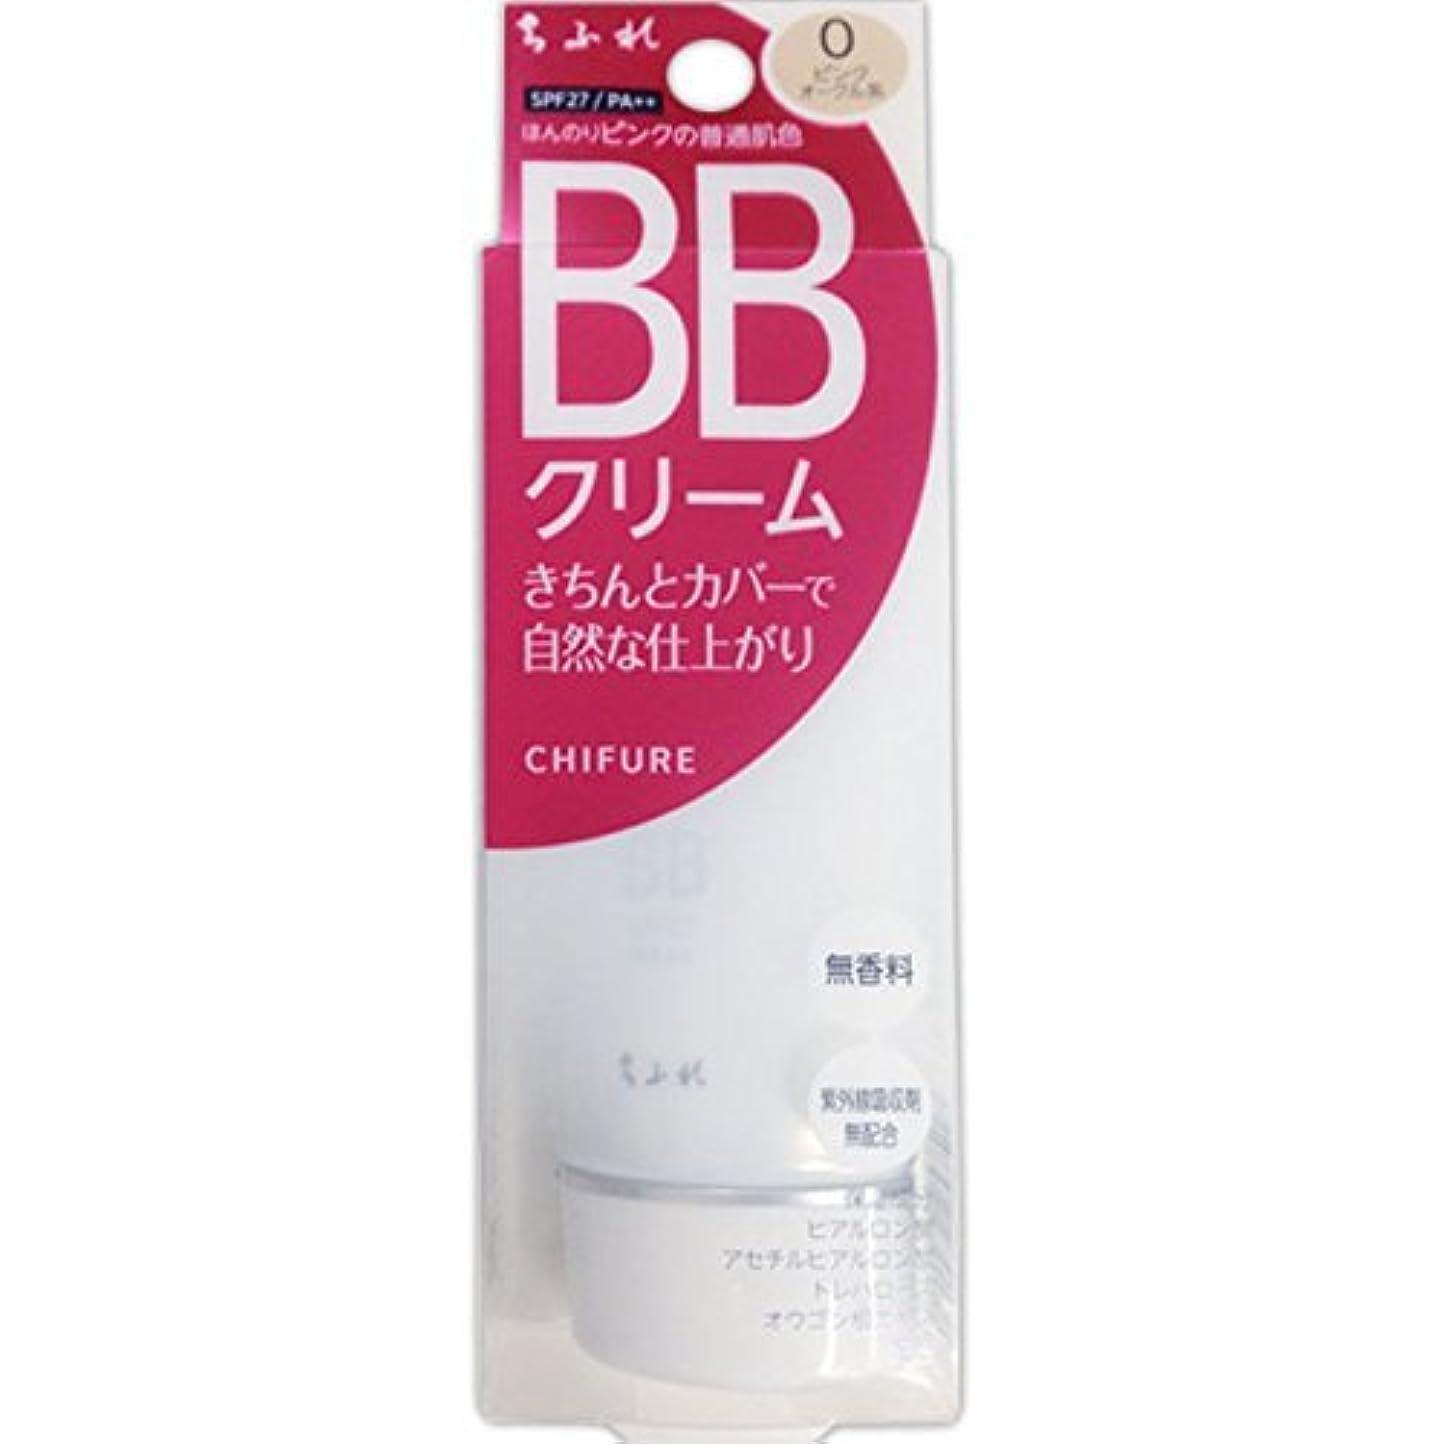 より場所気候ちふれ化粧品 BB クリーム ほんのりピンクの普通肌色 0